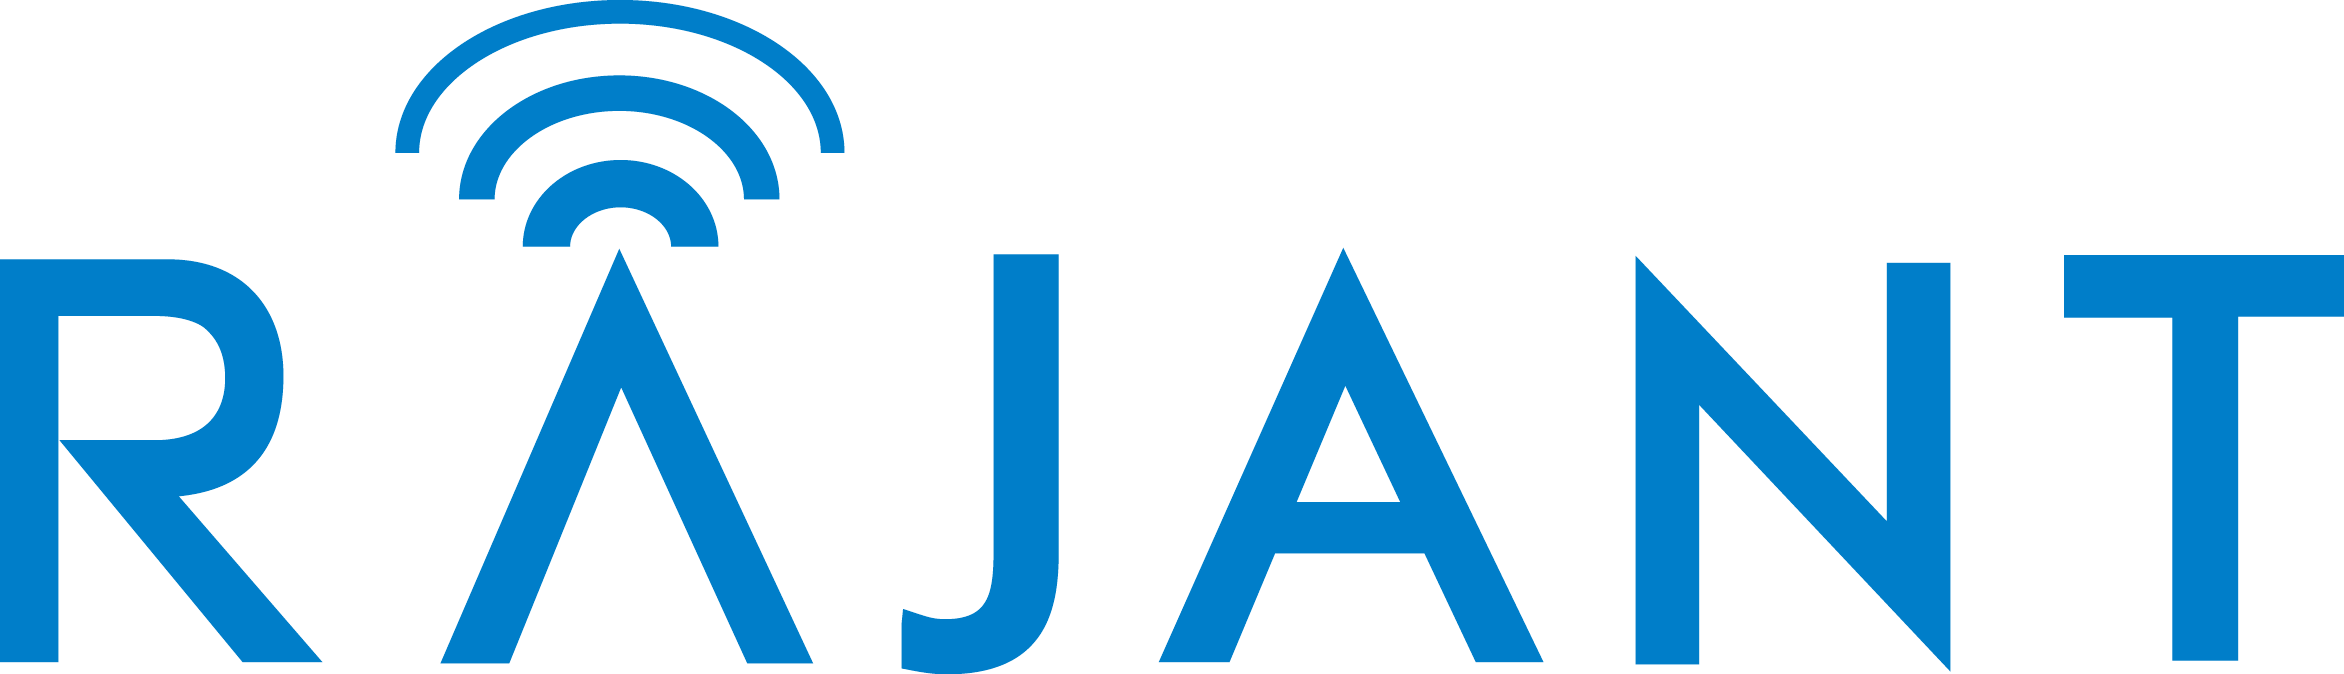 Rajant Logo